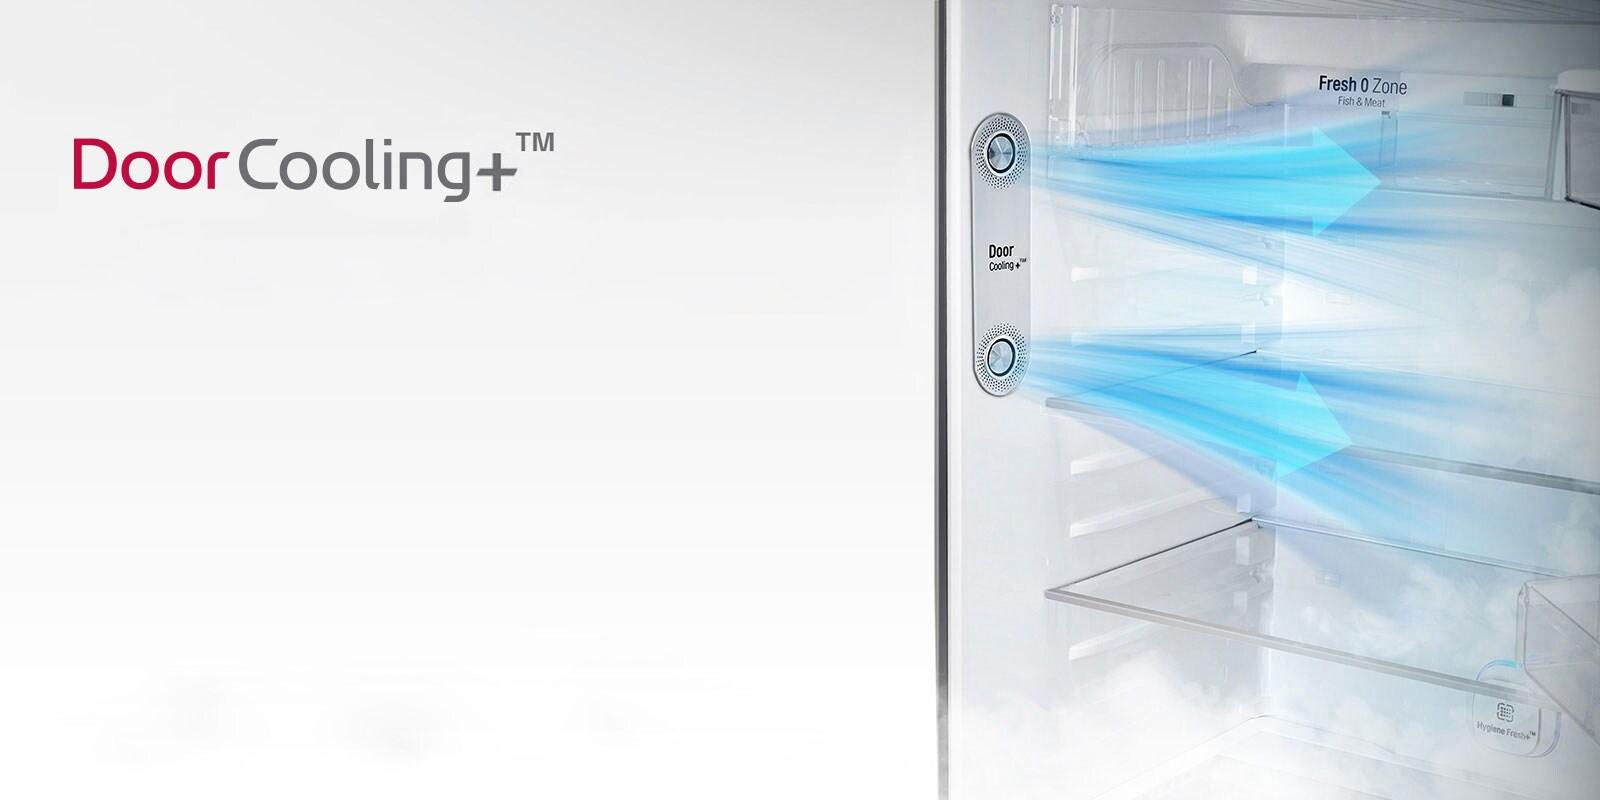 LG GL-T292RSCY 260 Ltr Door Cooling+